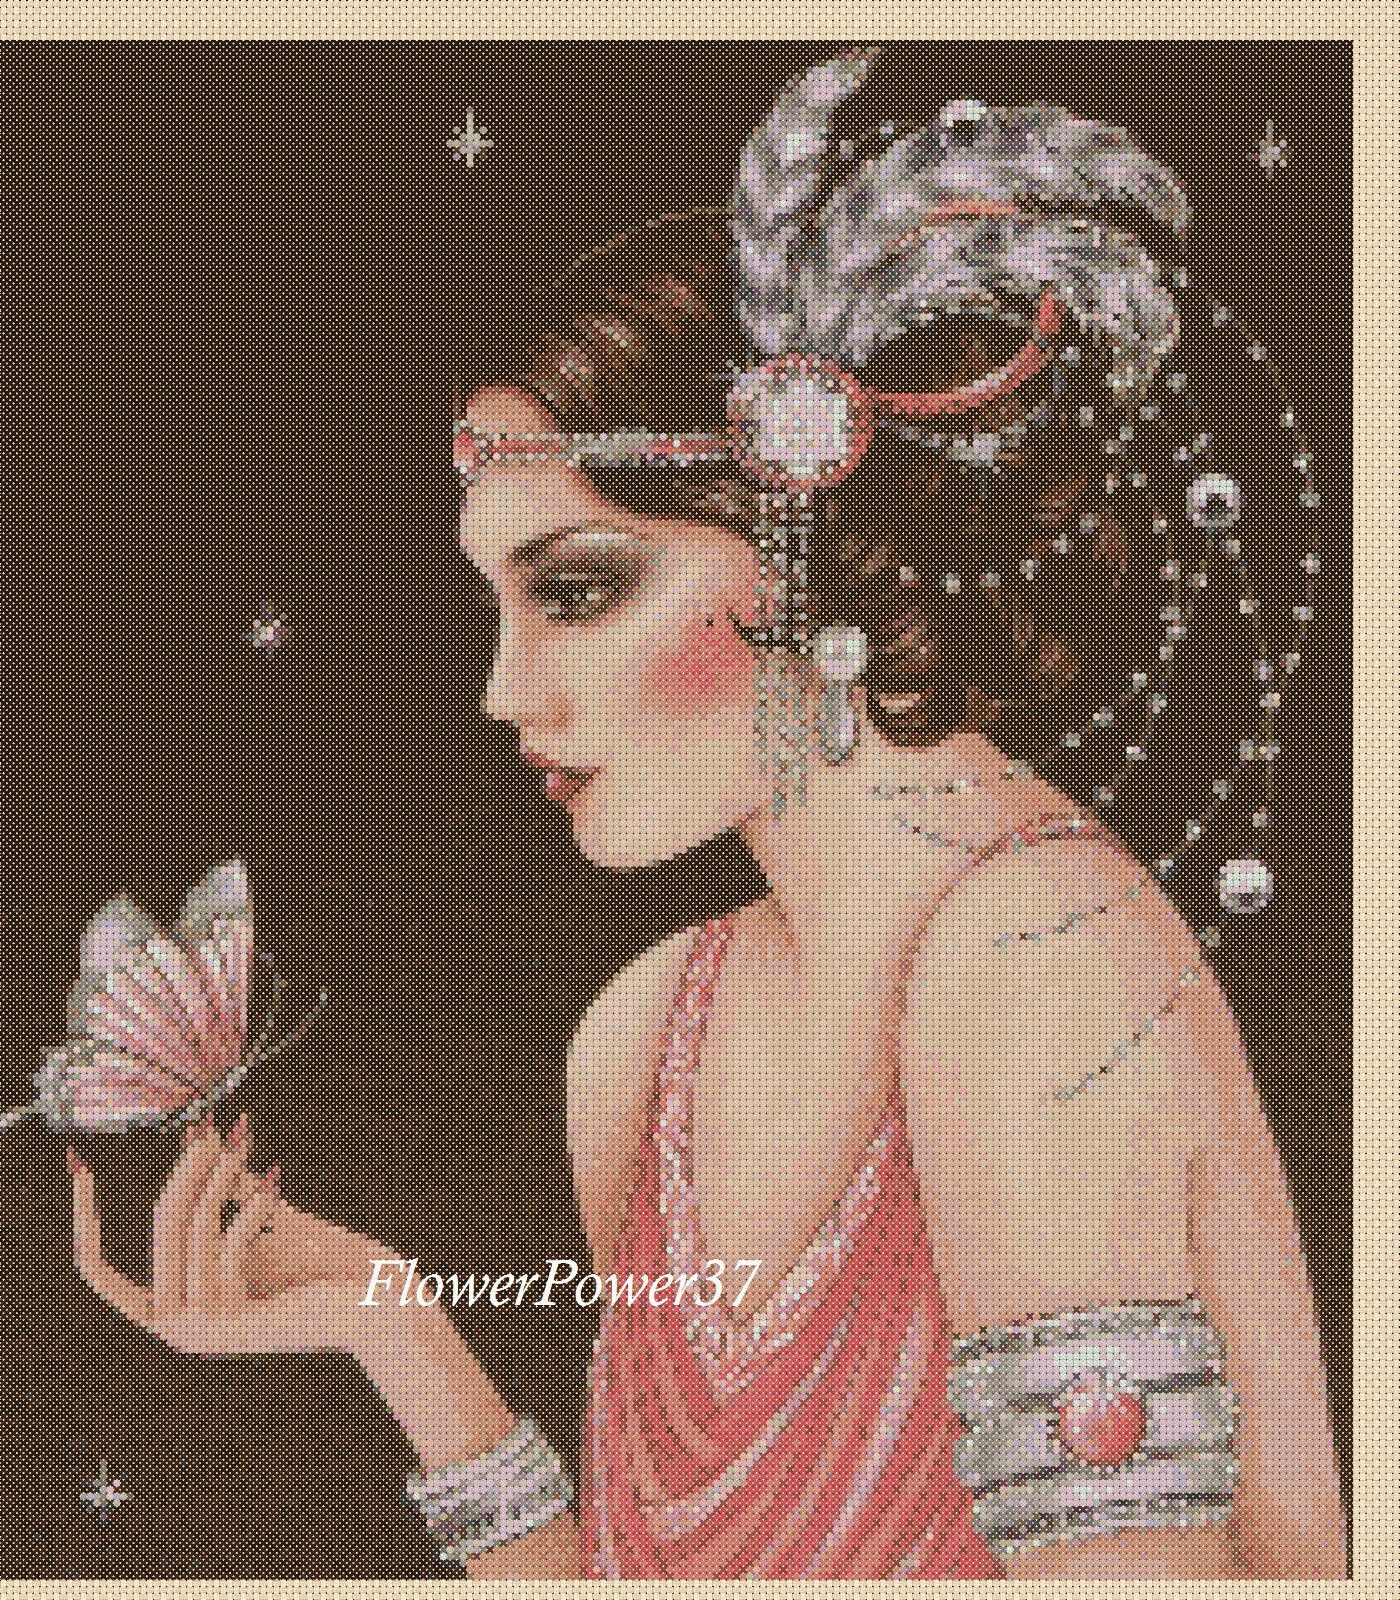 Cross stitch chart Art Deco Lady - No 133 FlowerPower37-uk FREE UK P&P--   eBay